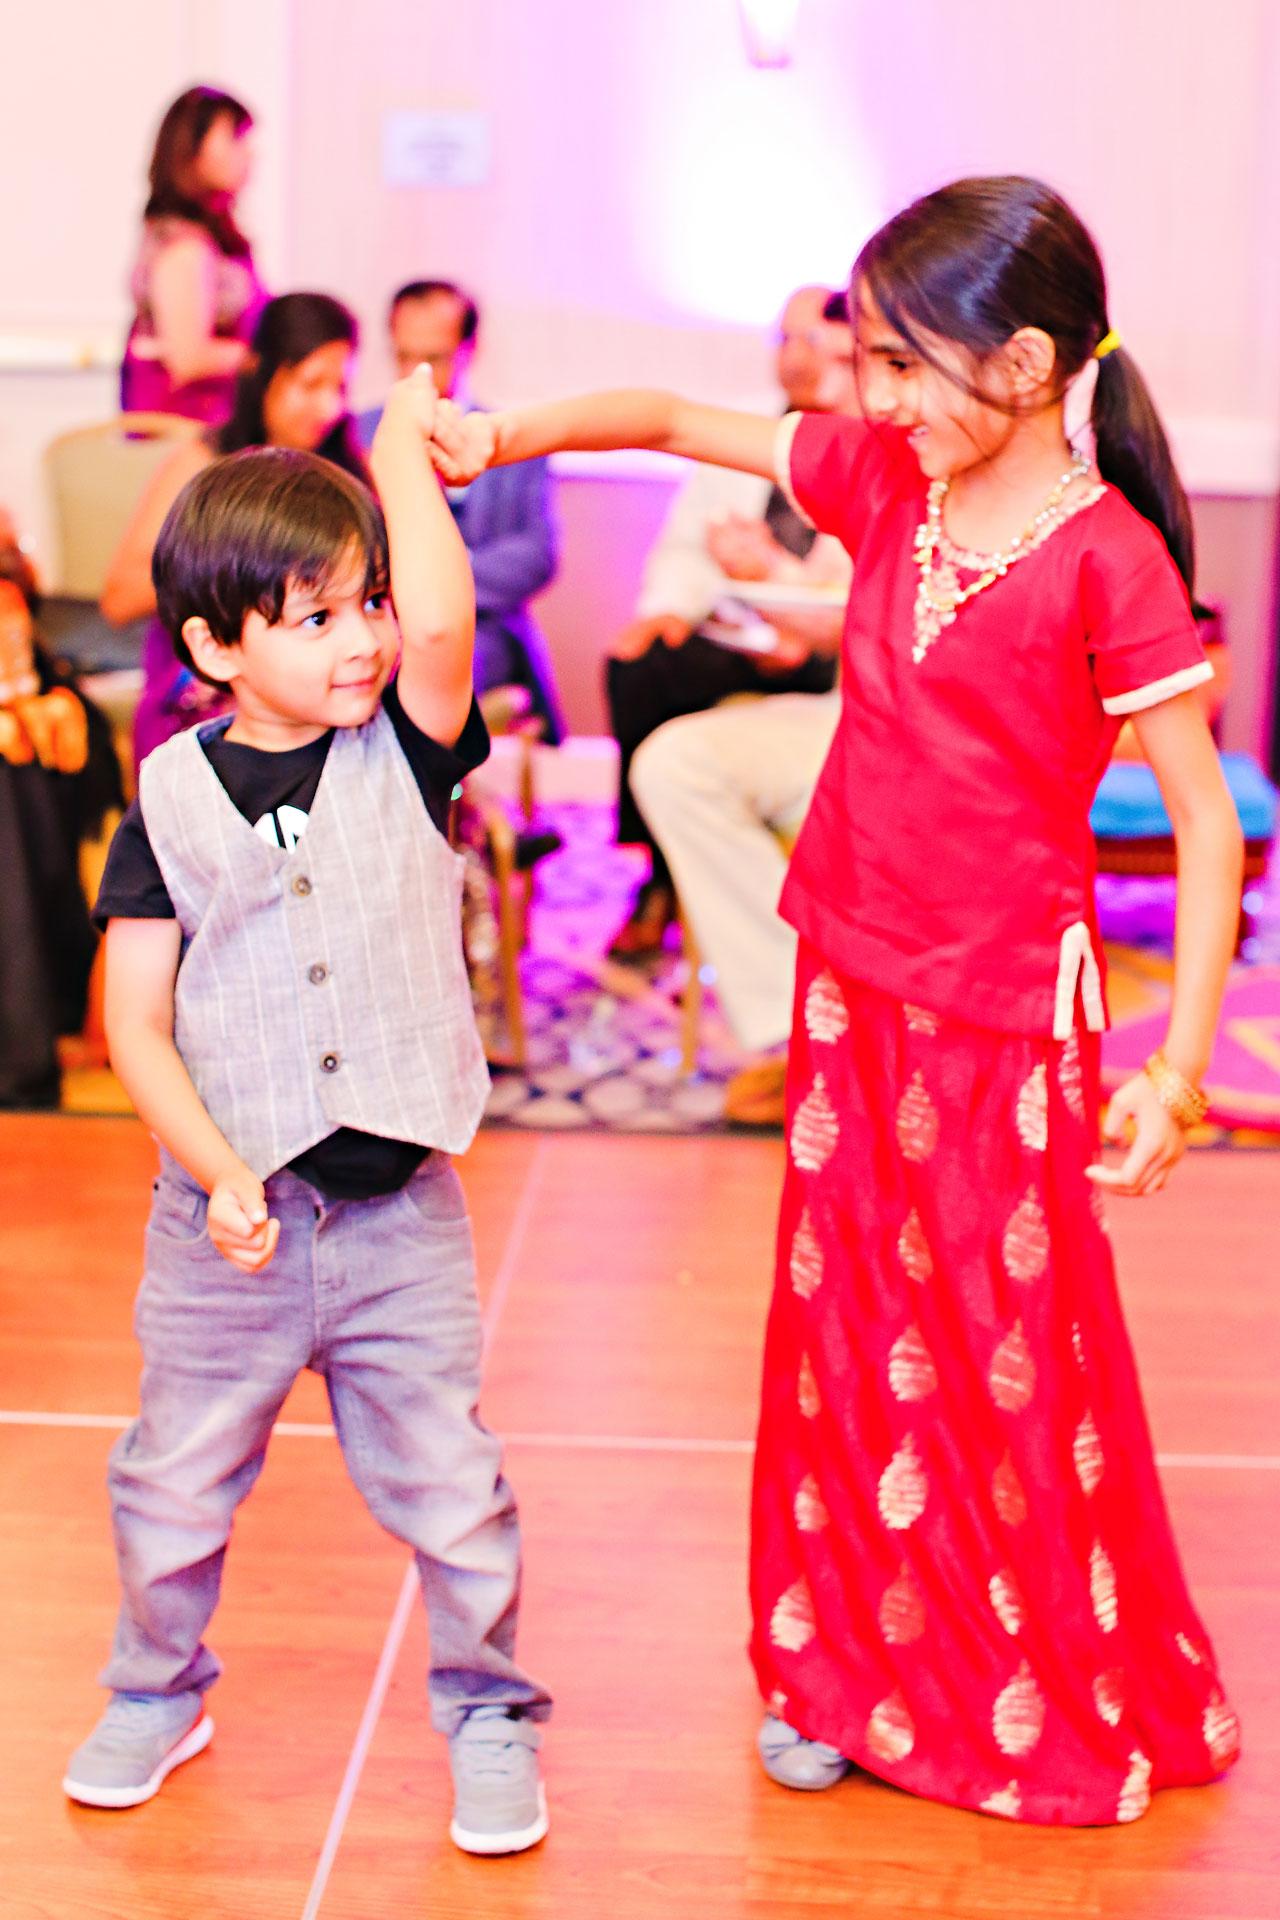 nina ryan indian wedding sangeet 140